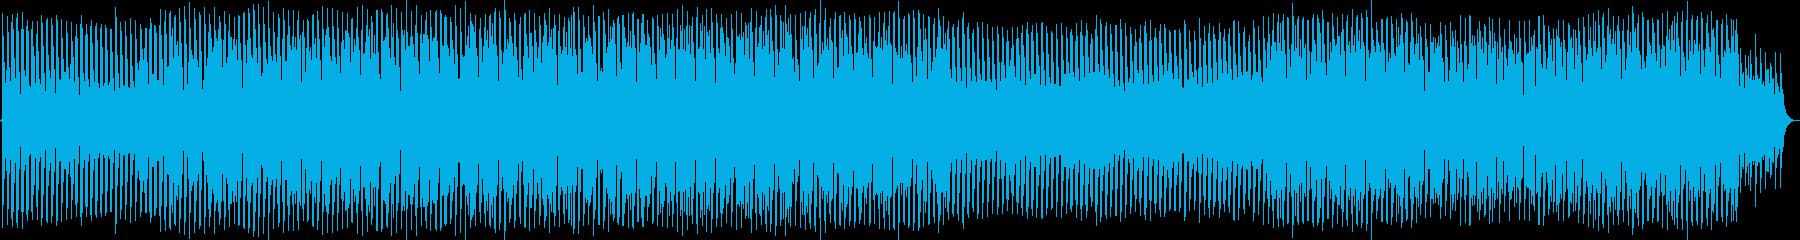 脈打つビートとクールなシンセサイザ...の再生済みの波形